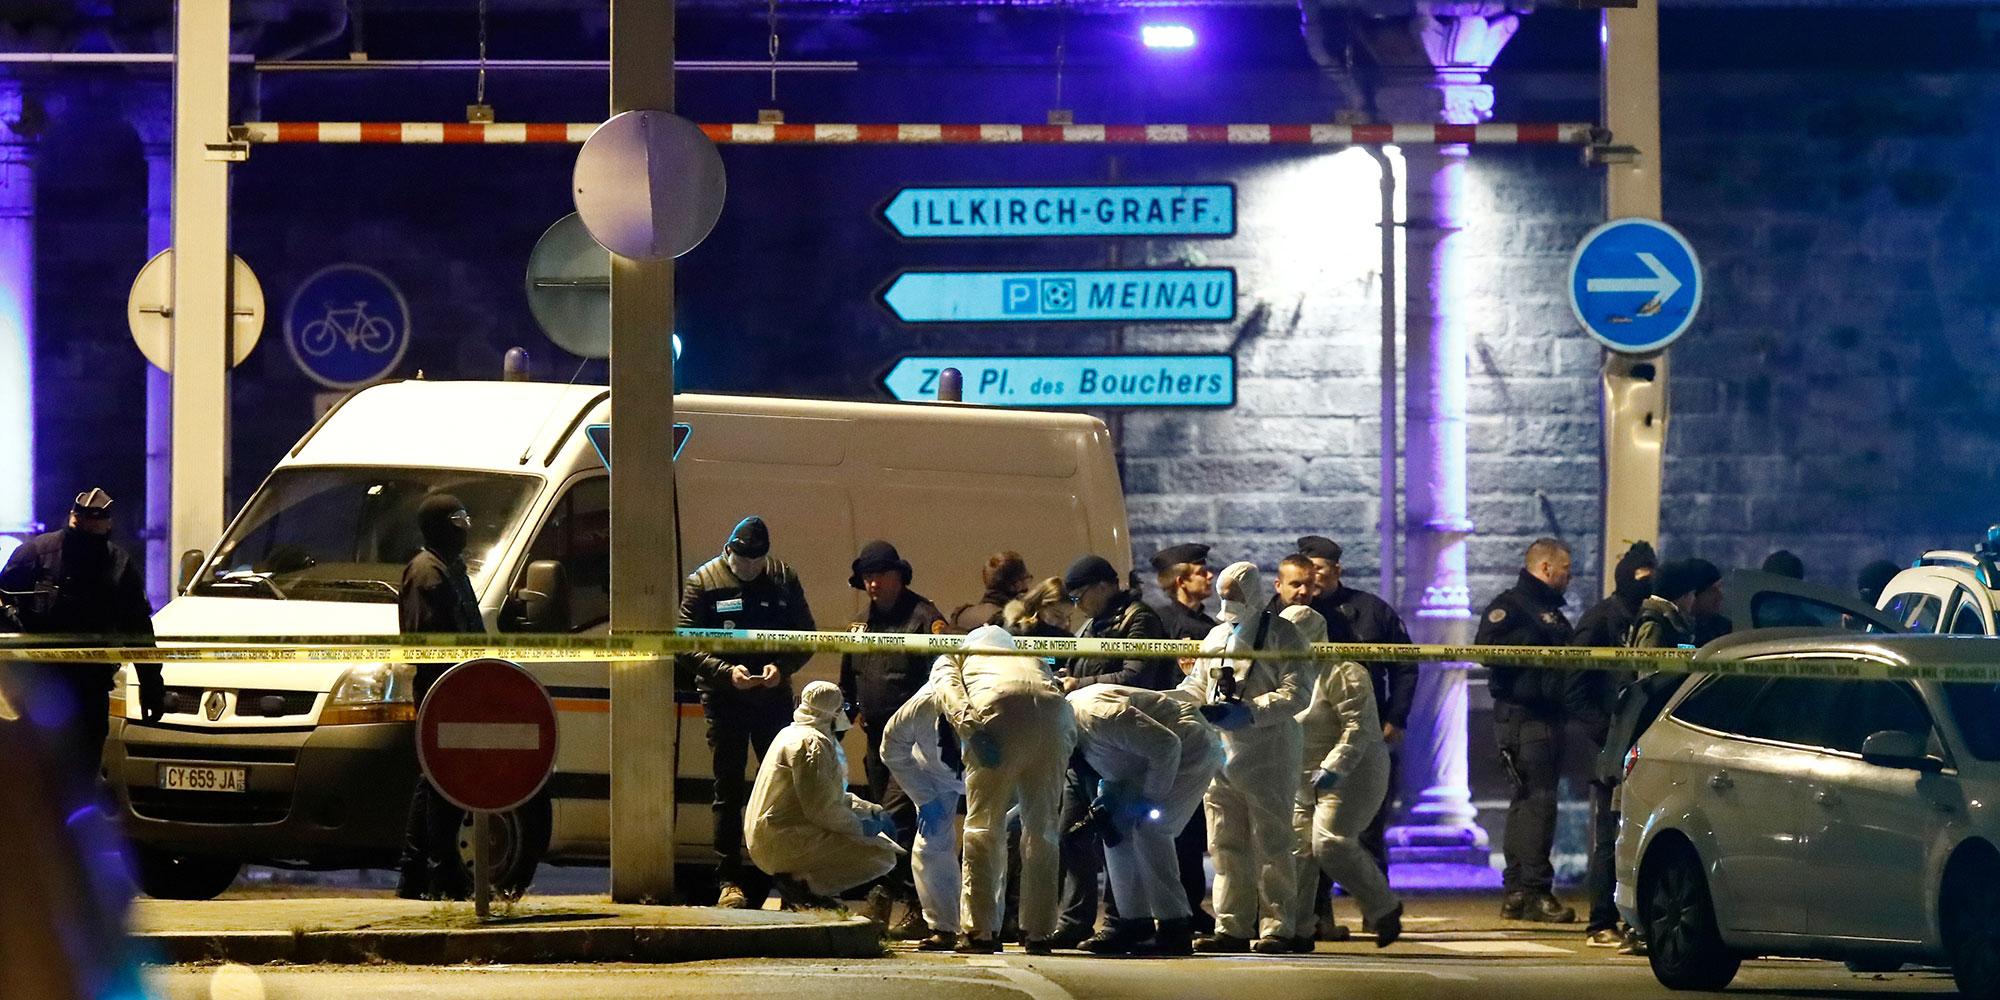 """Attentat de Strasbourg : Chérif Chekatt, """"soldat"""" de l'Etat islamique selon le groupe terroriste"""